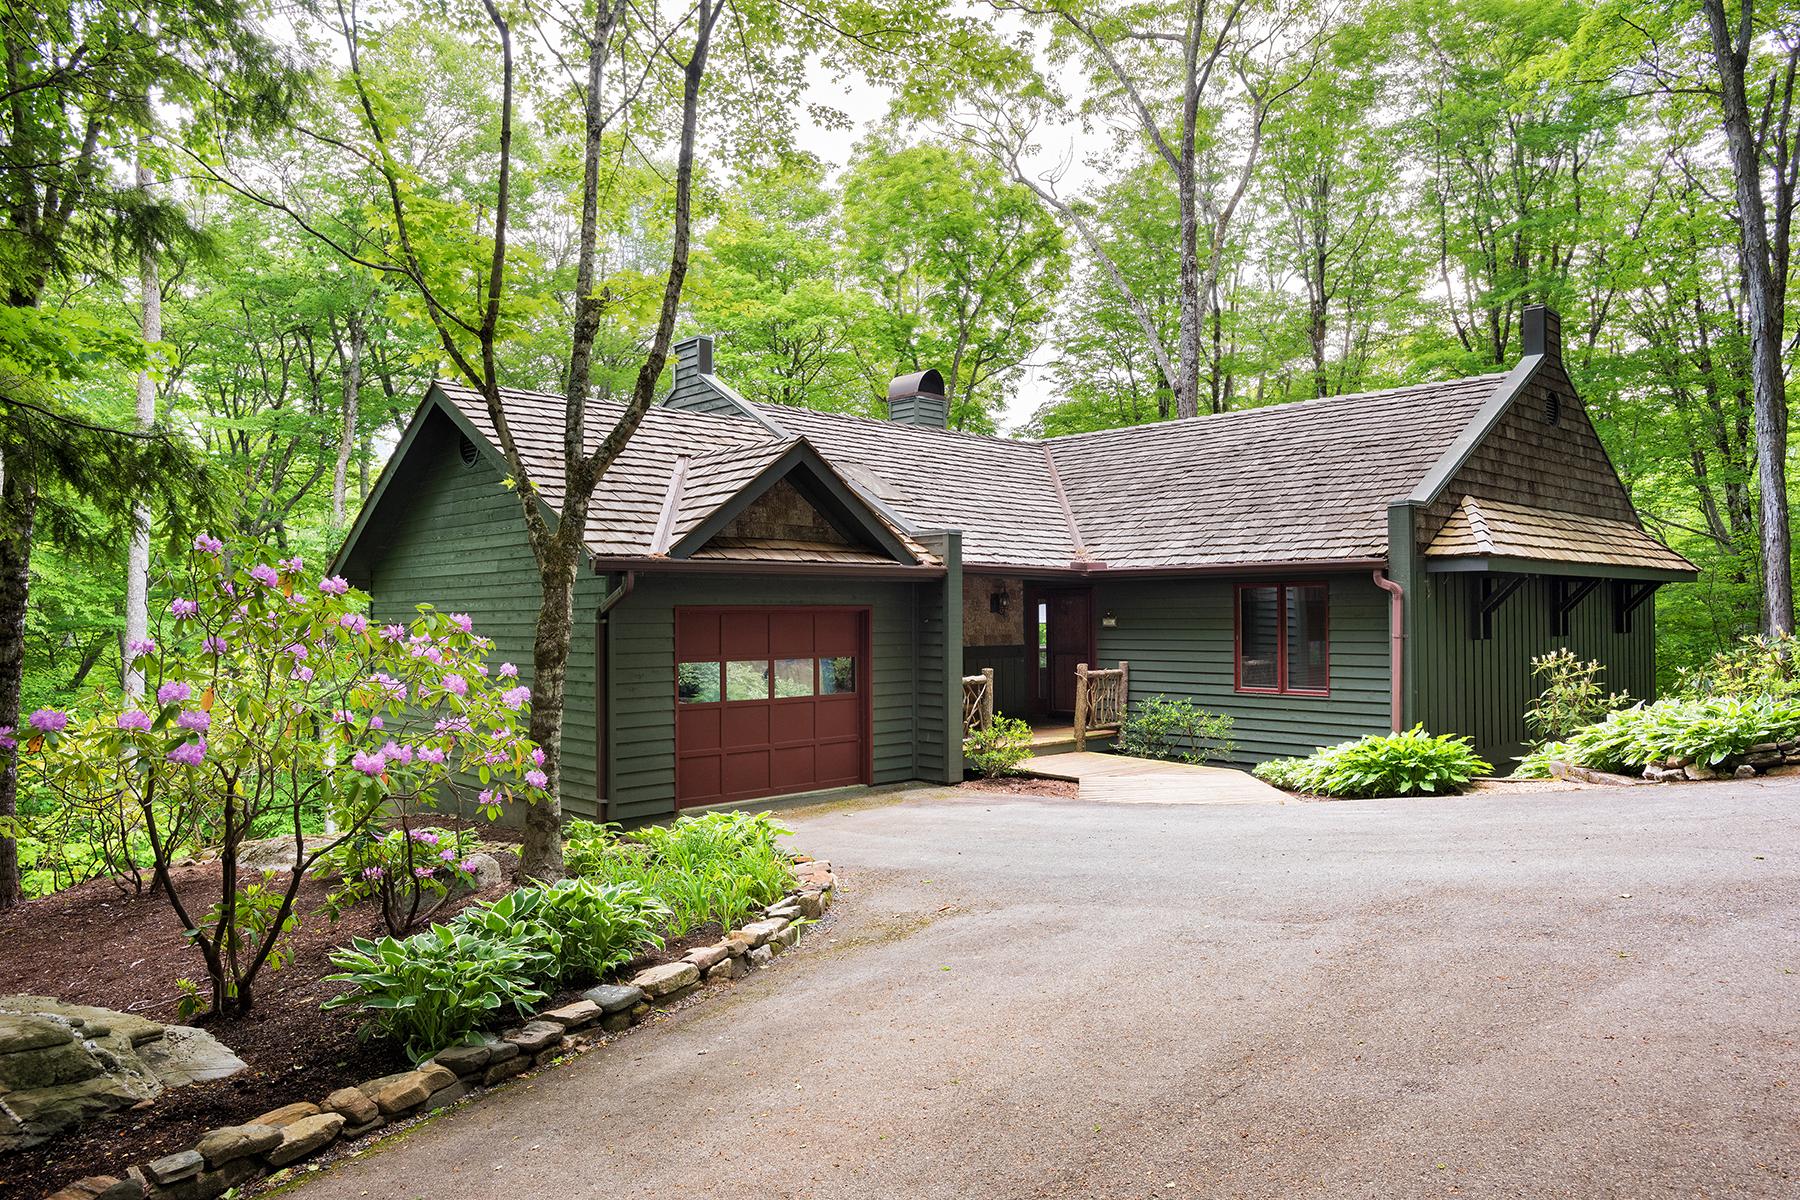 Casa Unifamiliar por un Venta en LINVILLE - LINVILLE RIDGE 201 Vista Way Linville, Carolina Del Norte, 28646 Estados Unidos